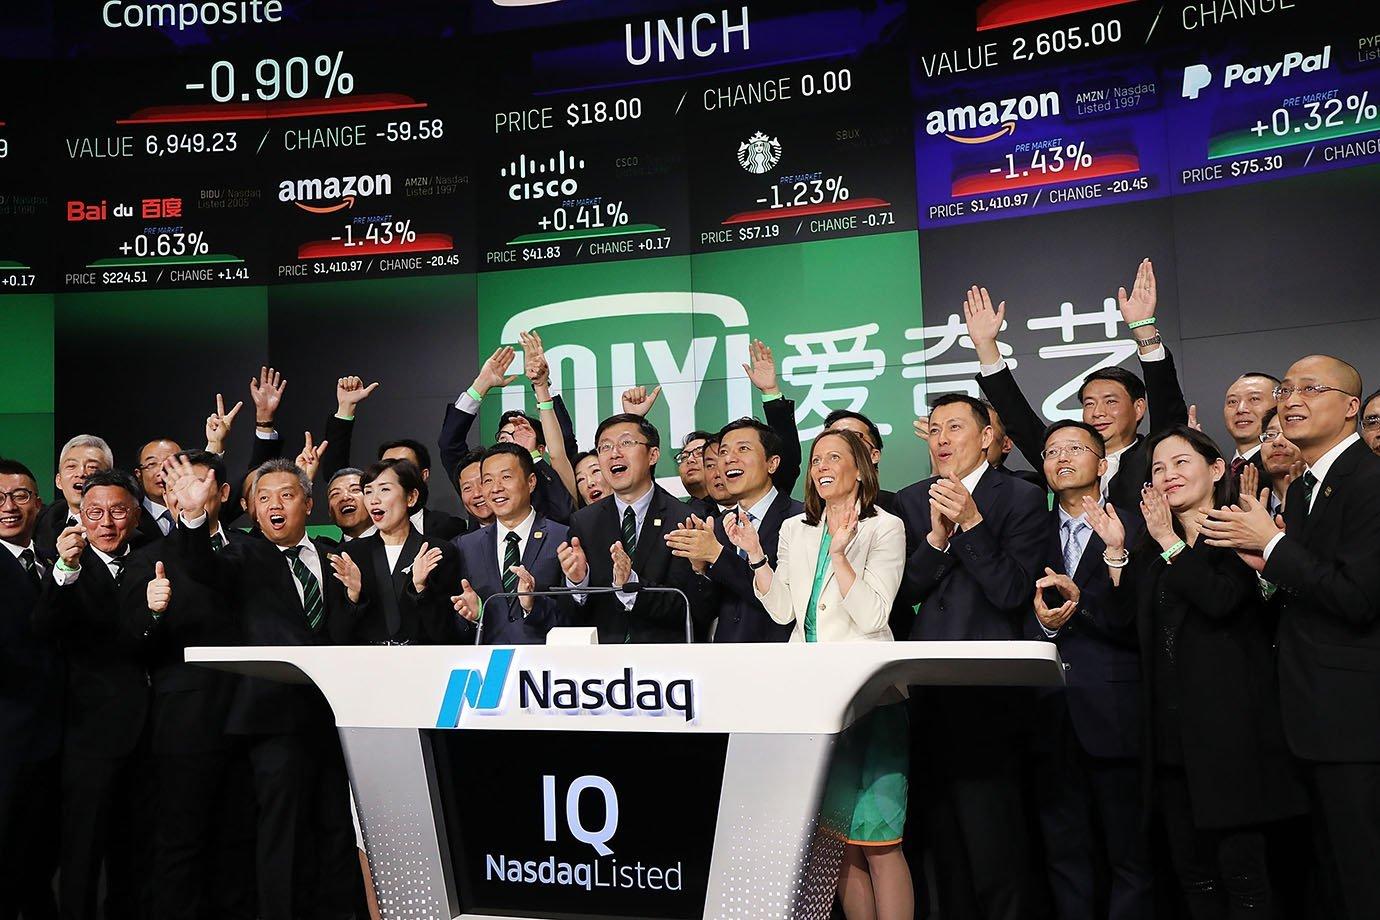 Yu Gong, fundador e CEO da IQiyi, toca o sino com investidores e funcionários em celebração ao IPO do negócio